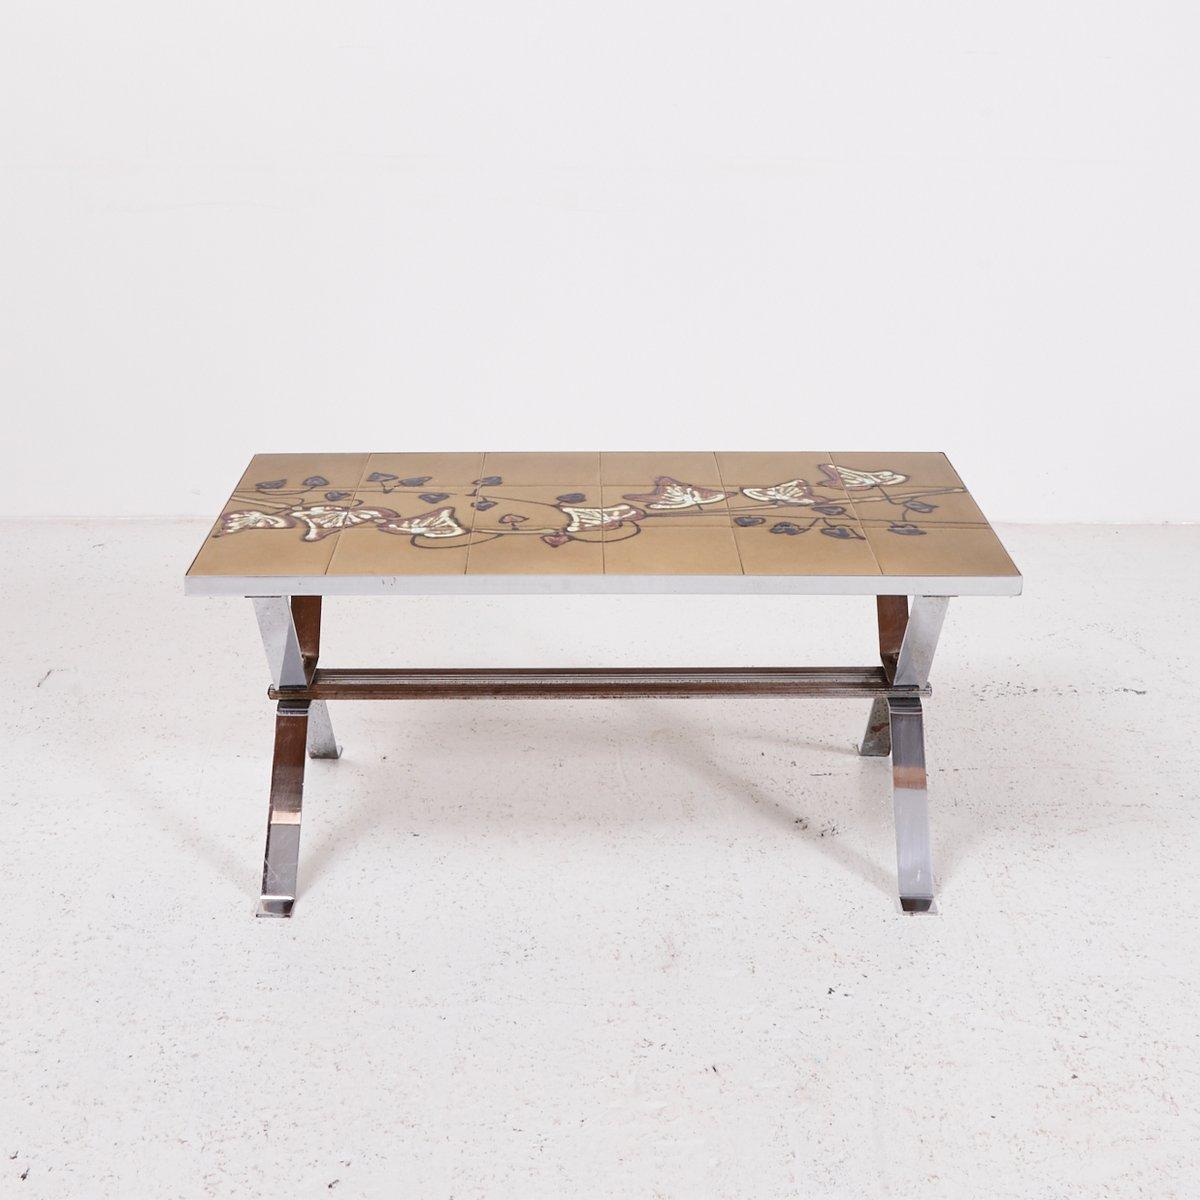 table basse vintage avec plateau mosa que en vente sur pamono. Black Bedroom Furniture Sets. Home Design Ideas